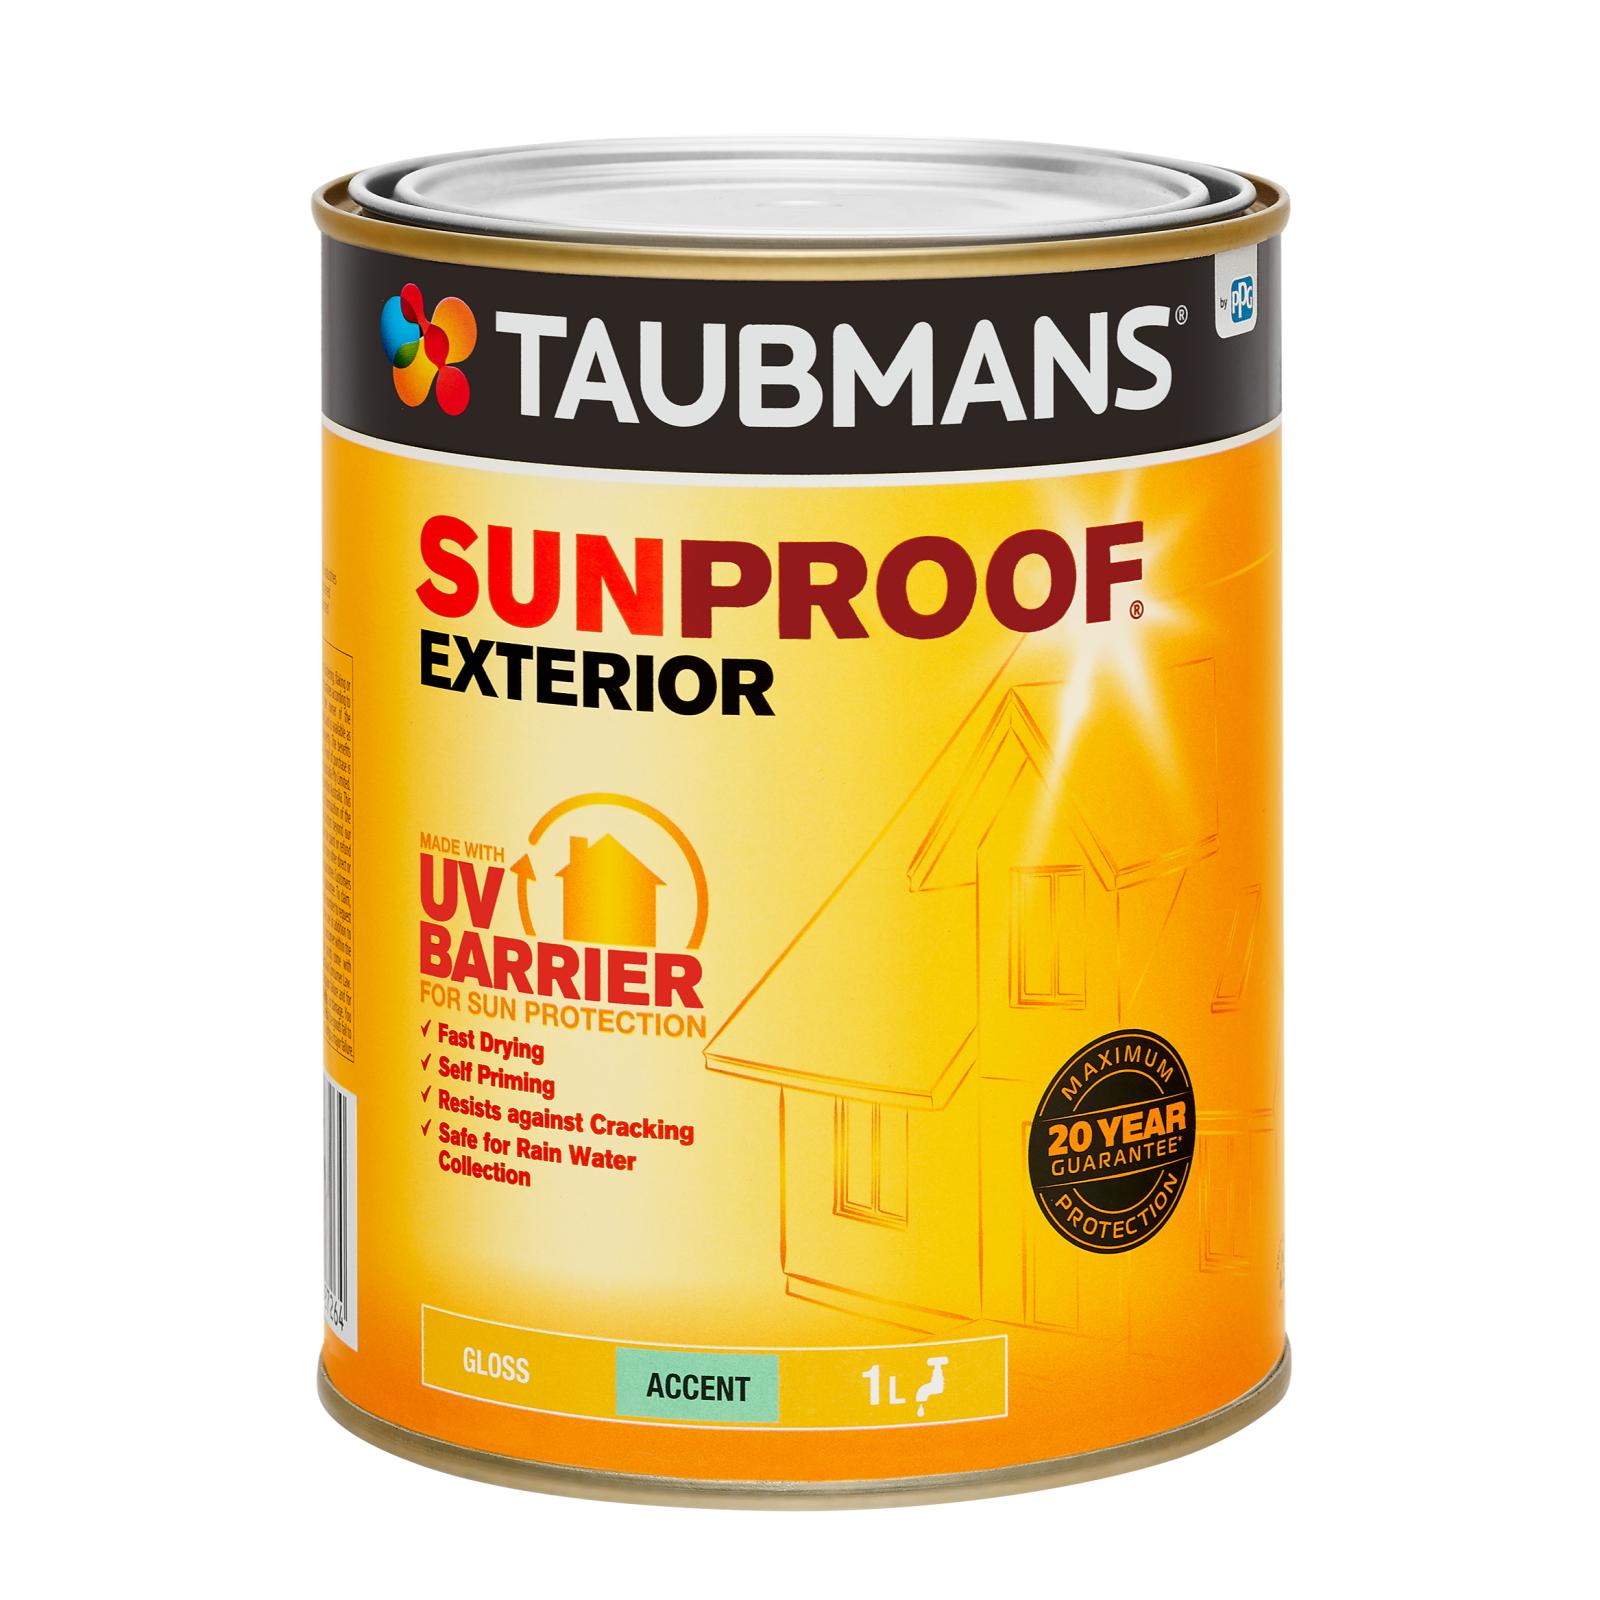 Taubmans Gloss Accent Sunproof Exterior Paint - 1L